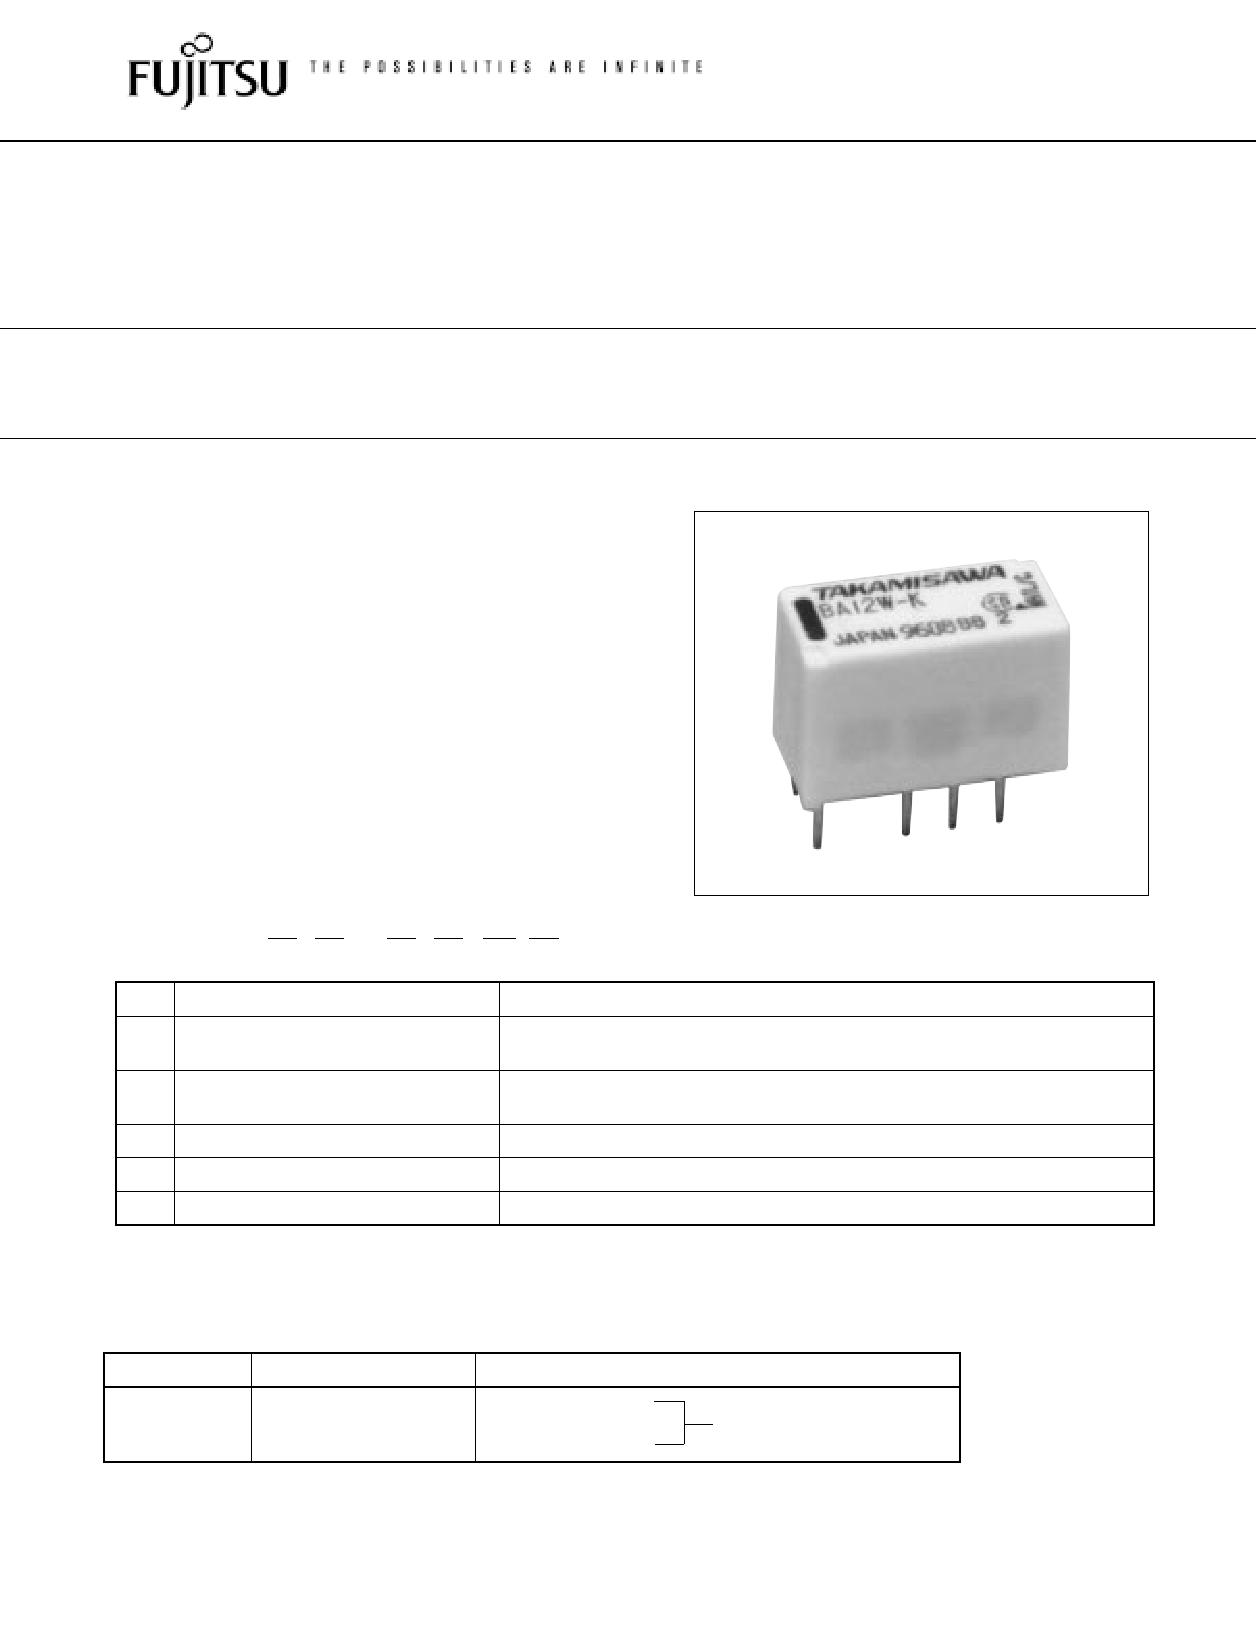 BA-9W-K datasheet